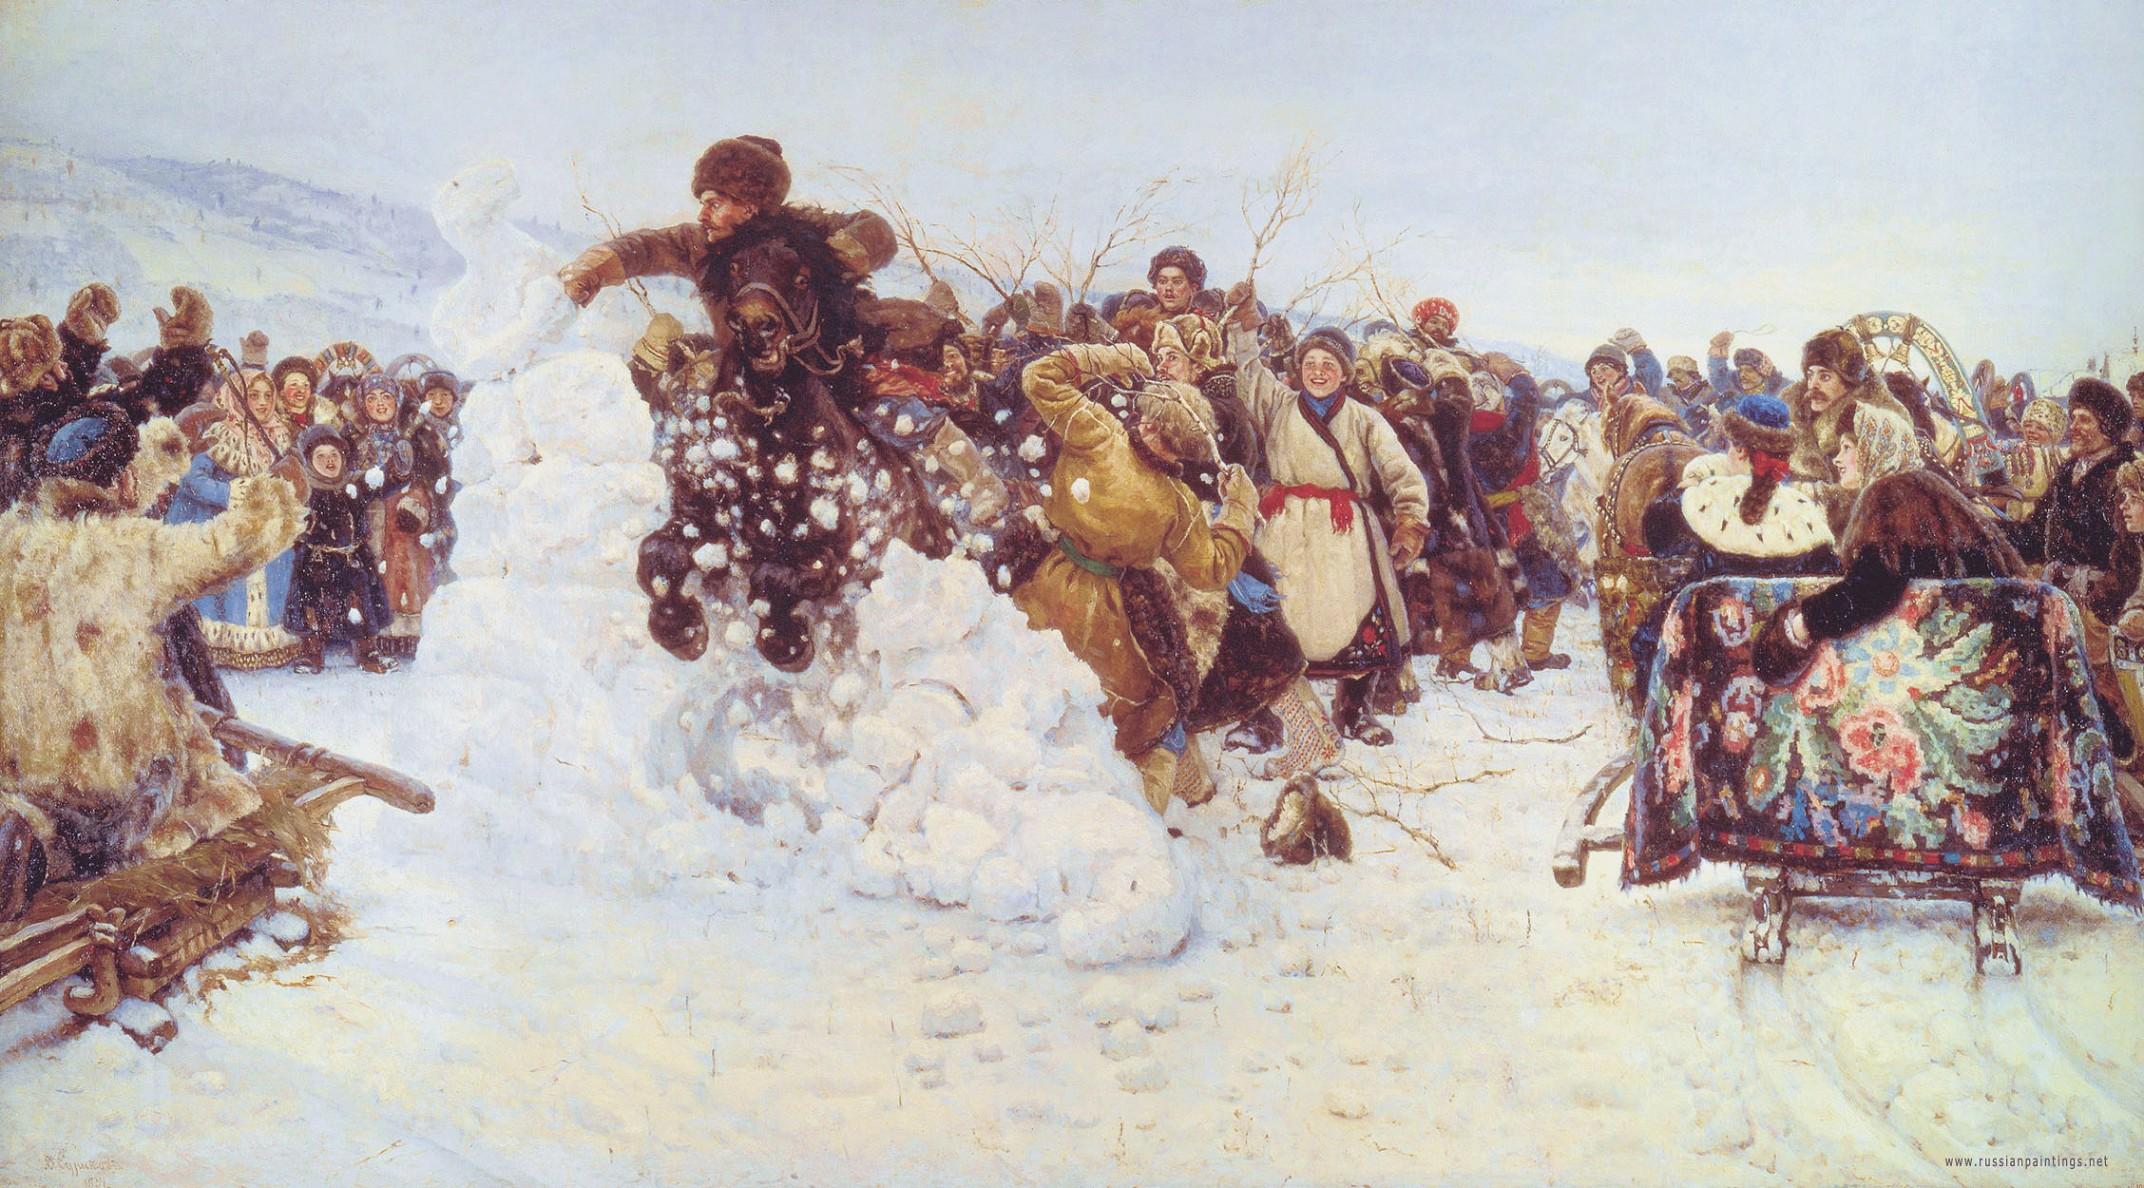 vasili-surikov-the-taking-of-the-snow-fortress-1891